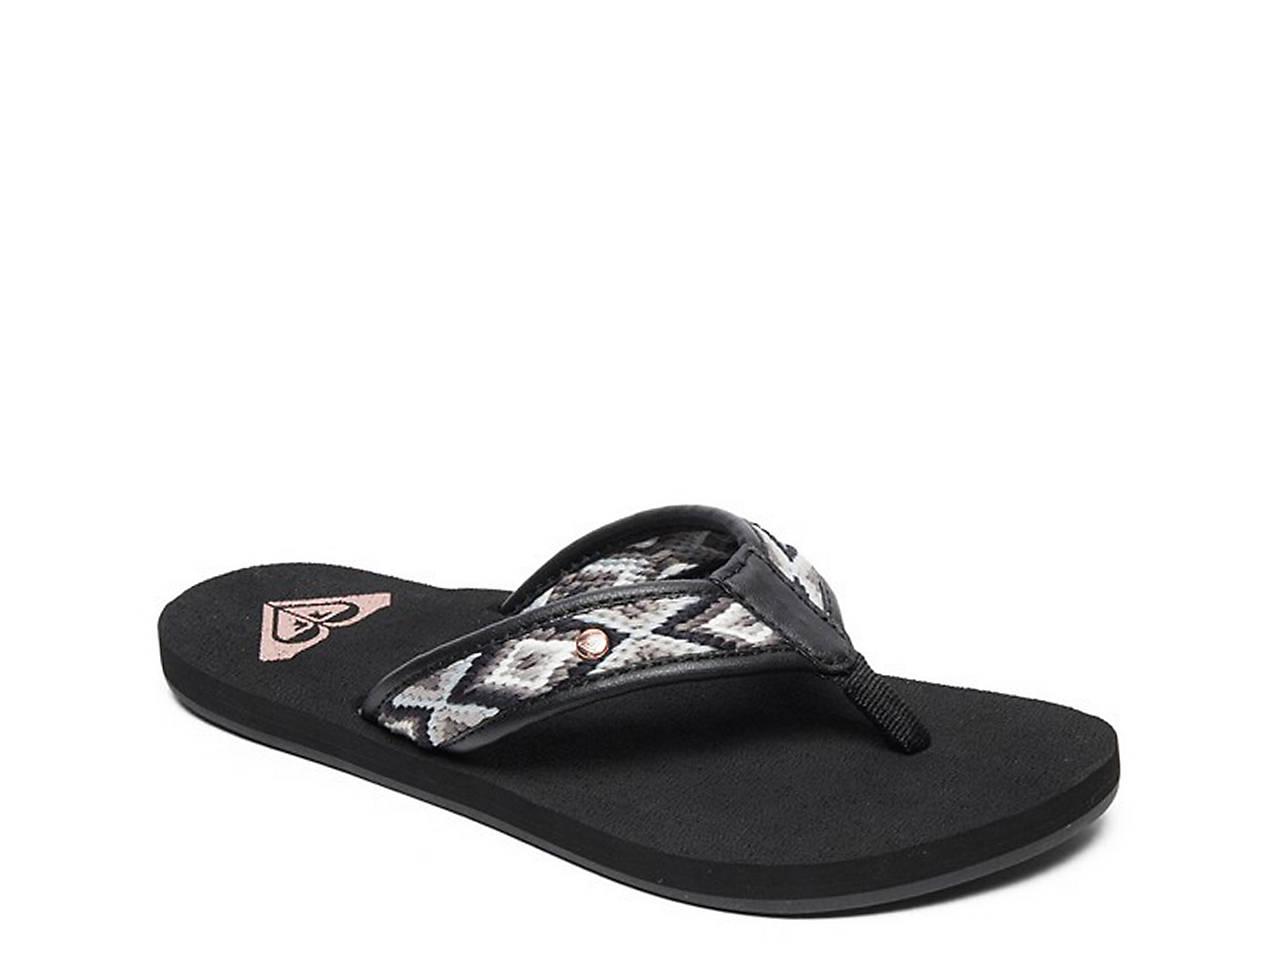 85644387f02 Roxy Saylor Flip Flop Women s Shoes